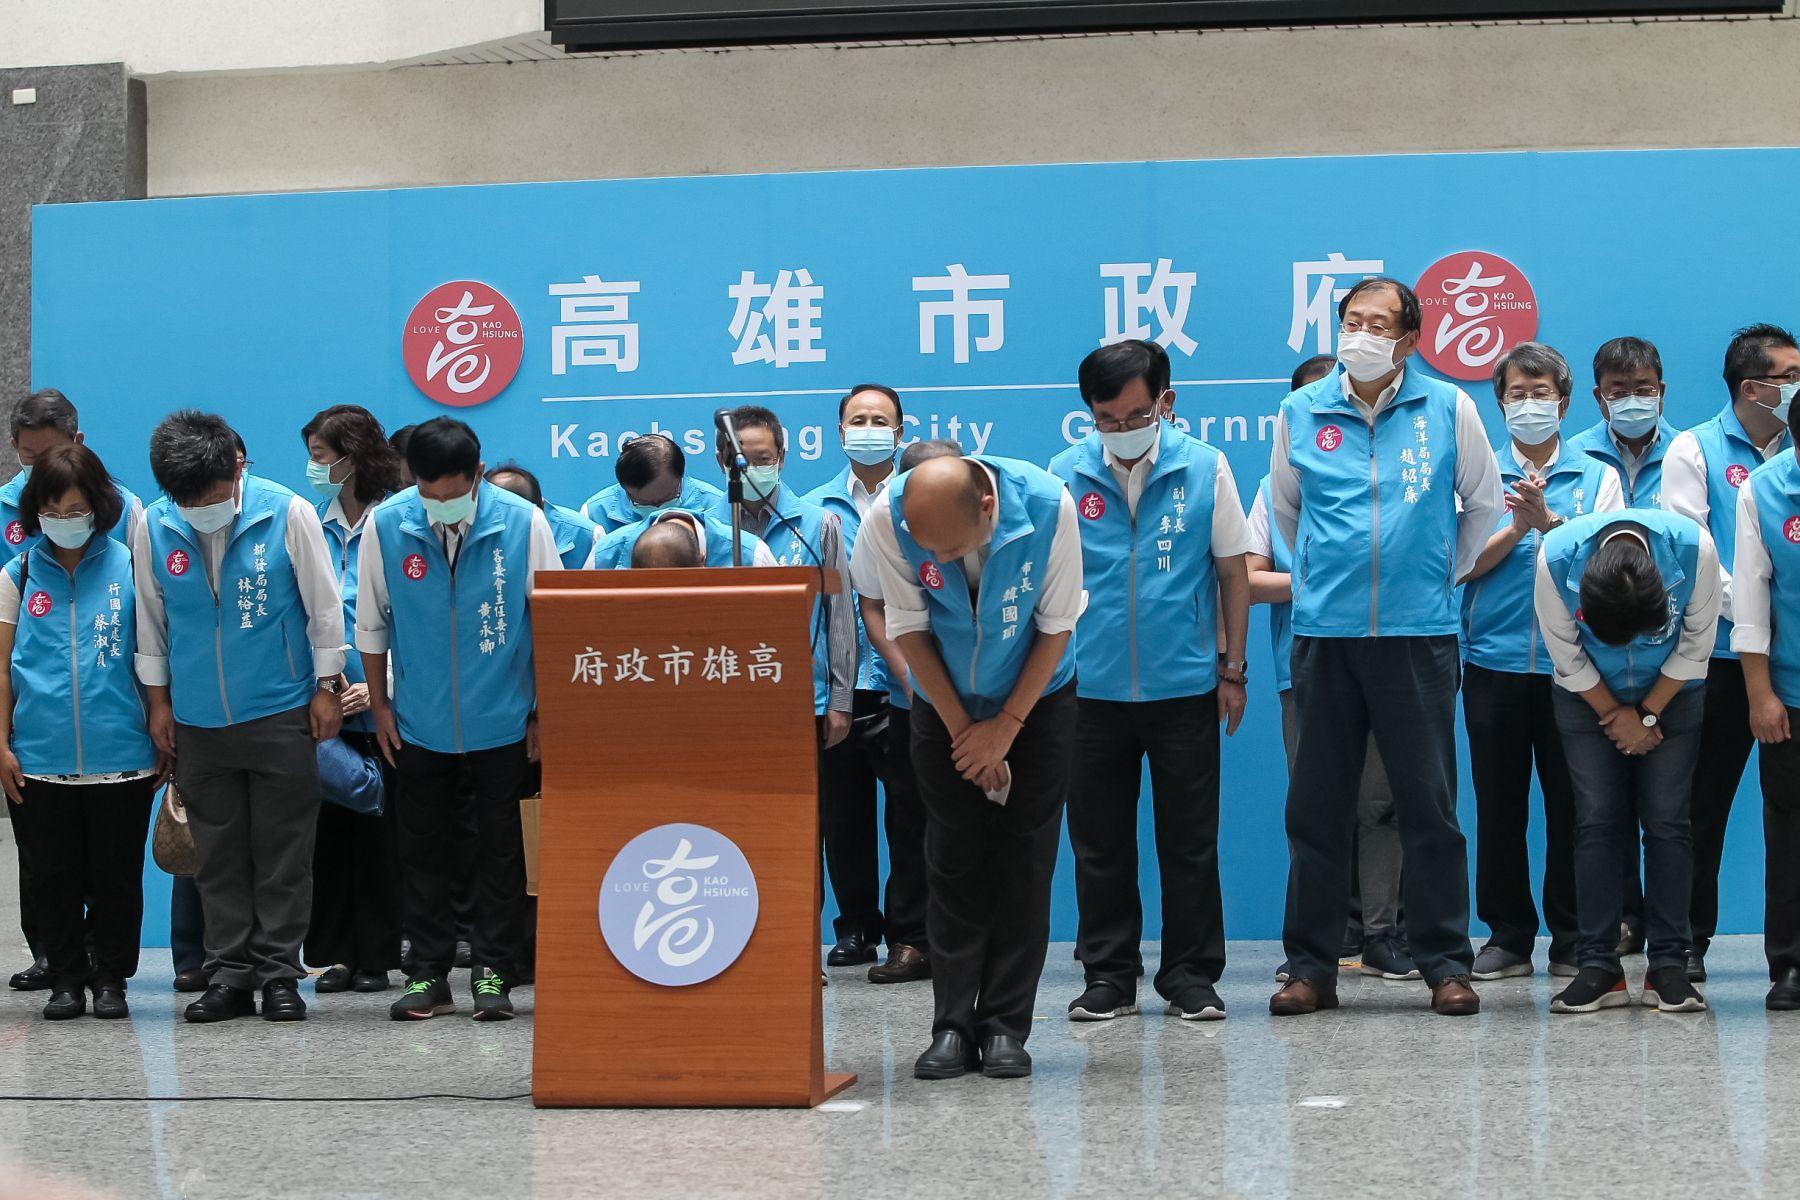 韓國瑜教會我們的10個人生啟示》呂秋遠:不要惹高雄人,他們不是塑膠,很剽悍